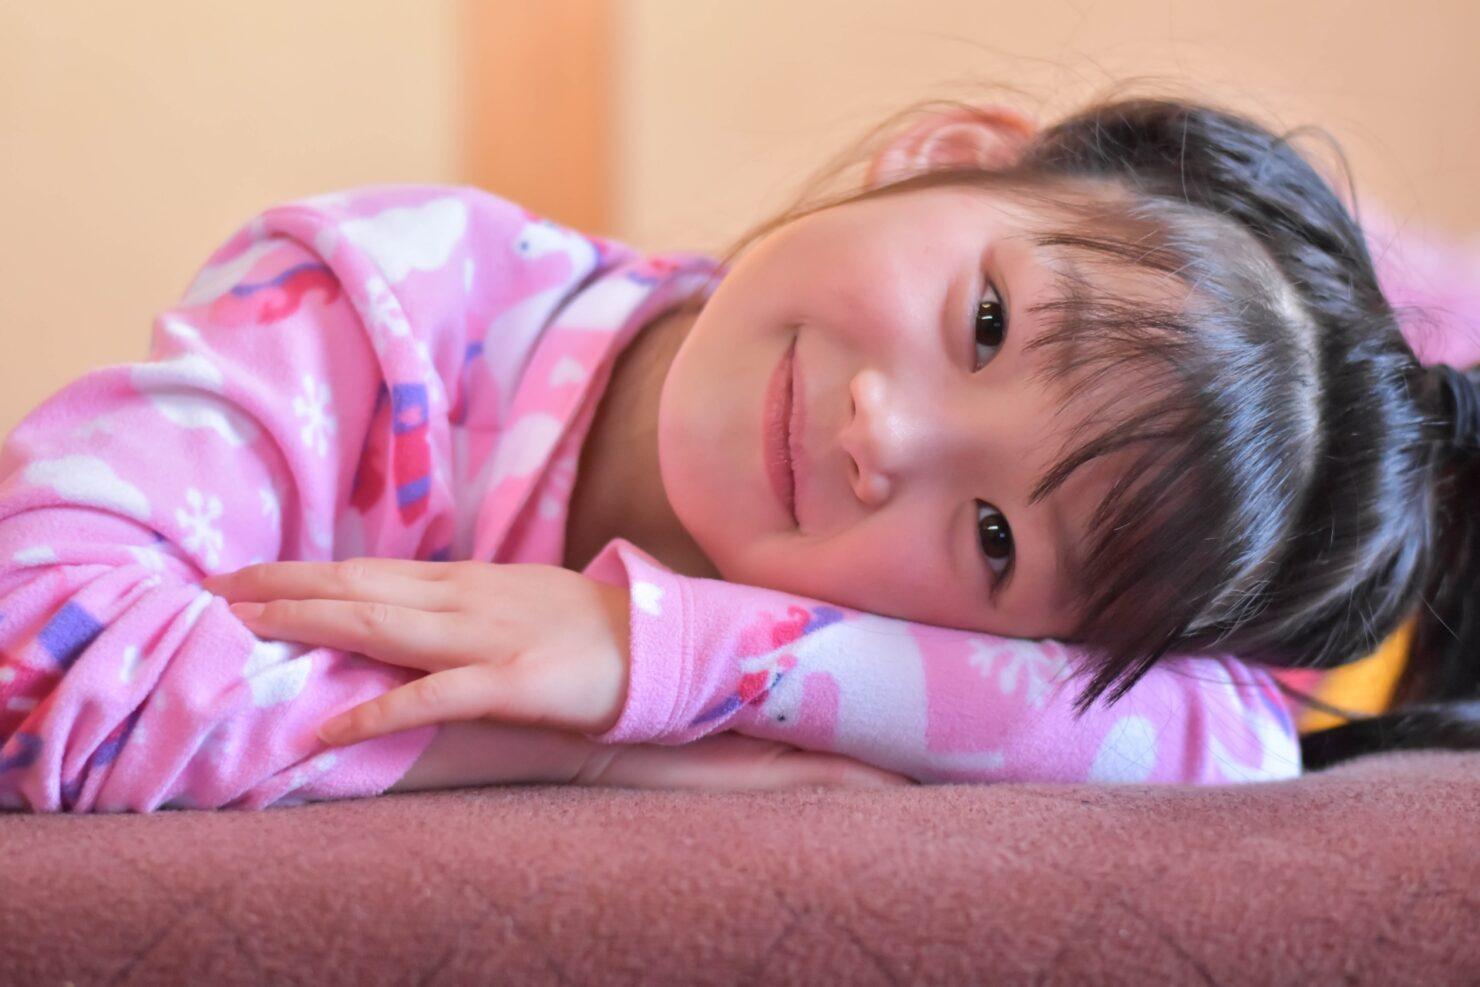 SNSで人気! かわいい女の子向けの子供用パジャマ2選